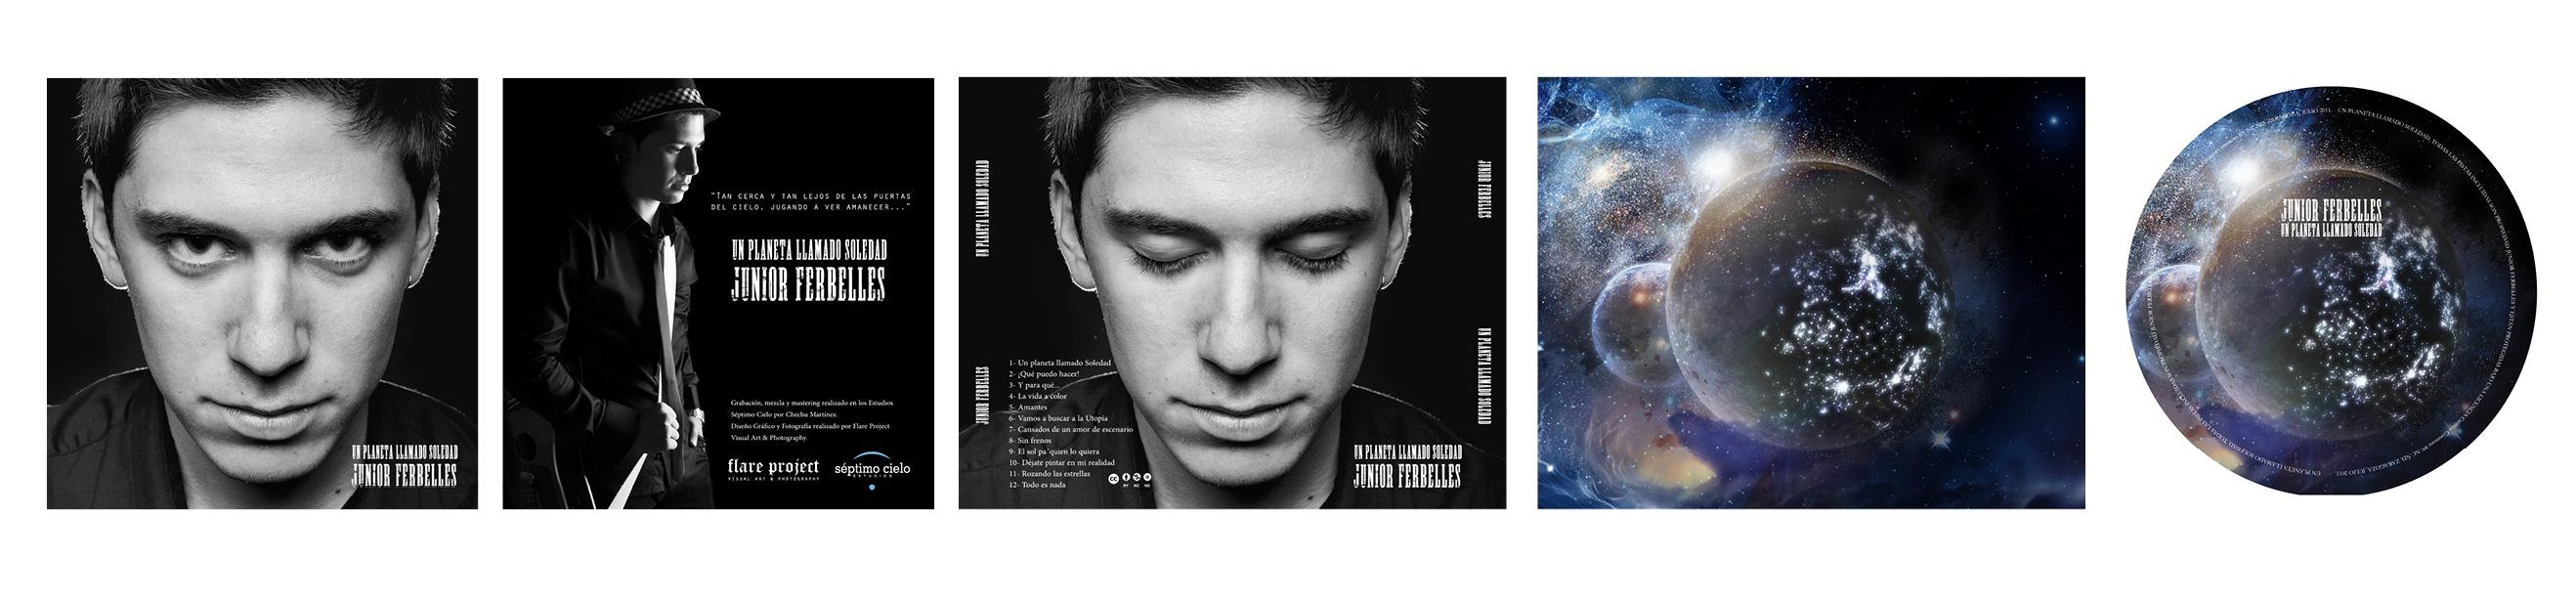 FOTOGRAFÍA Y DISEÑO DE CDS MUSICALES